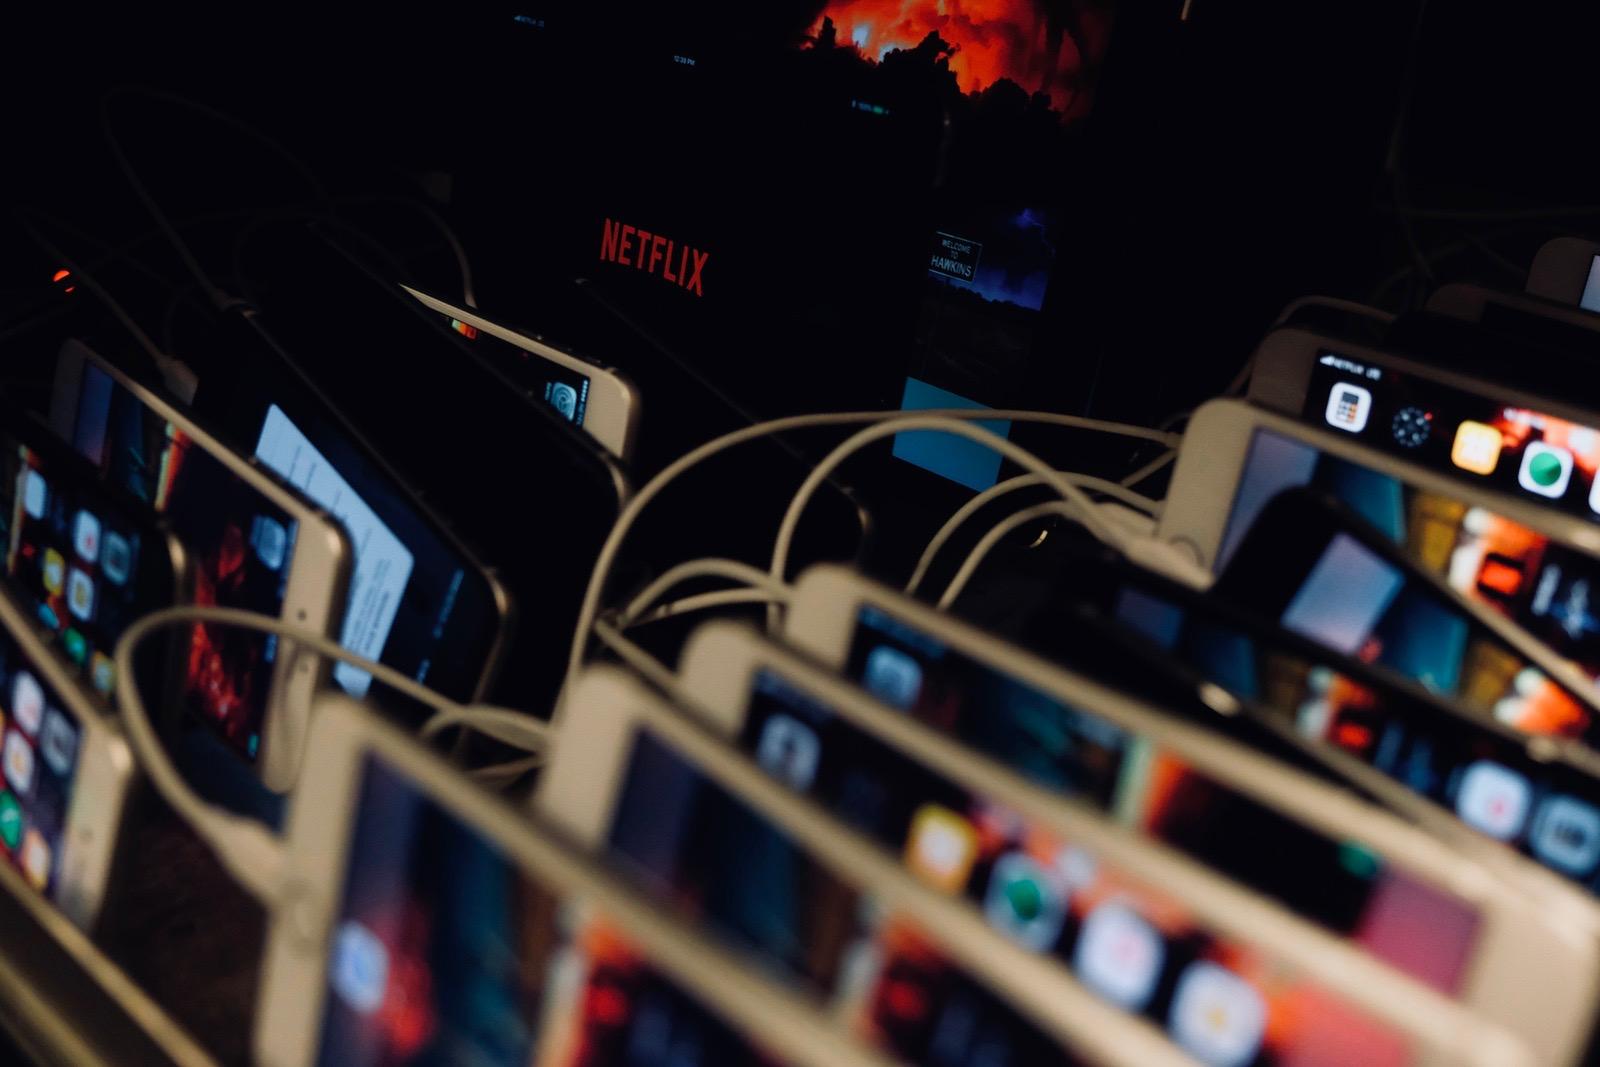 Netflix+Media_0307.jpg